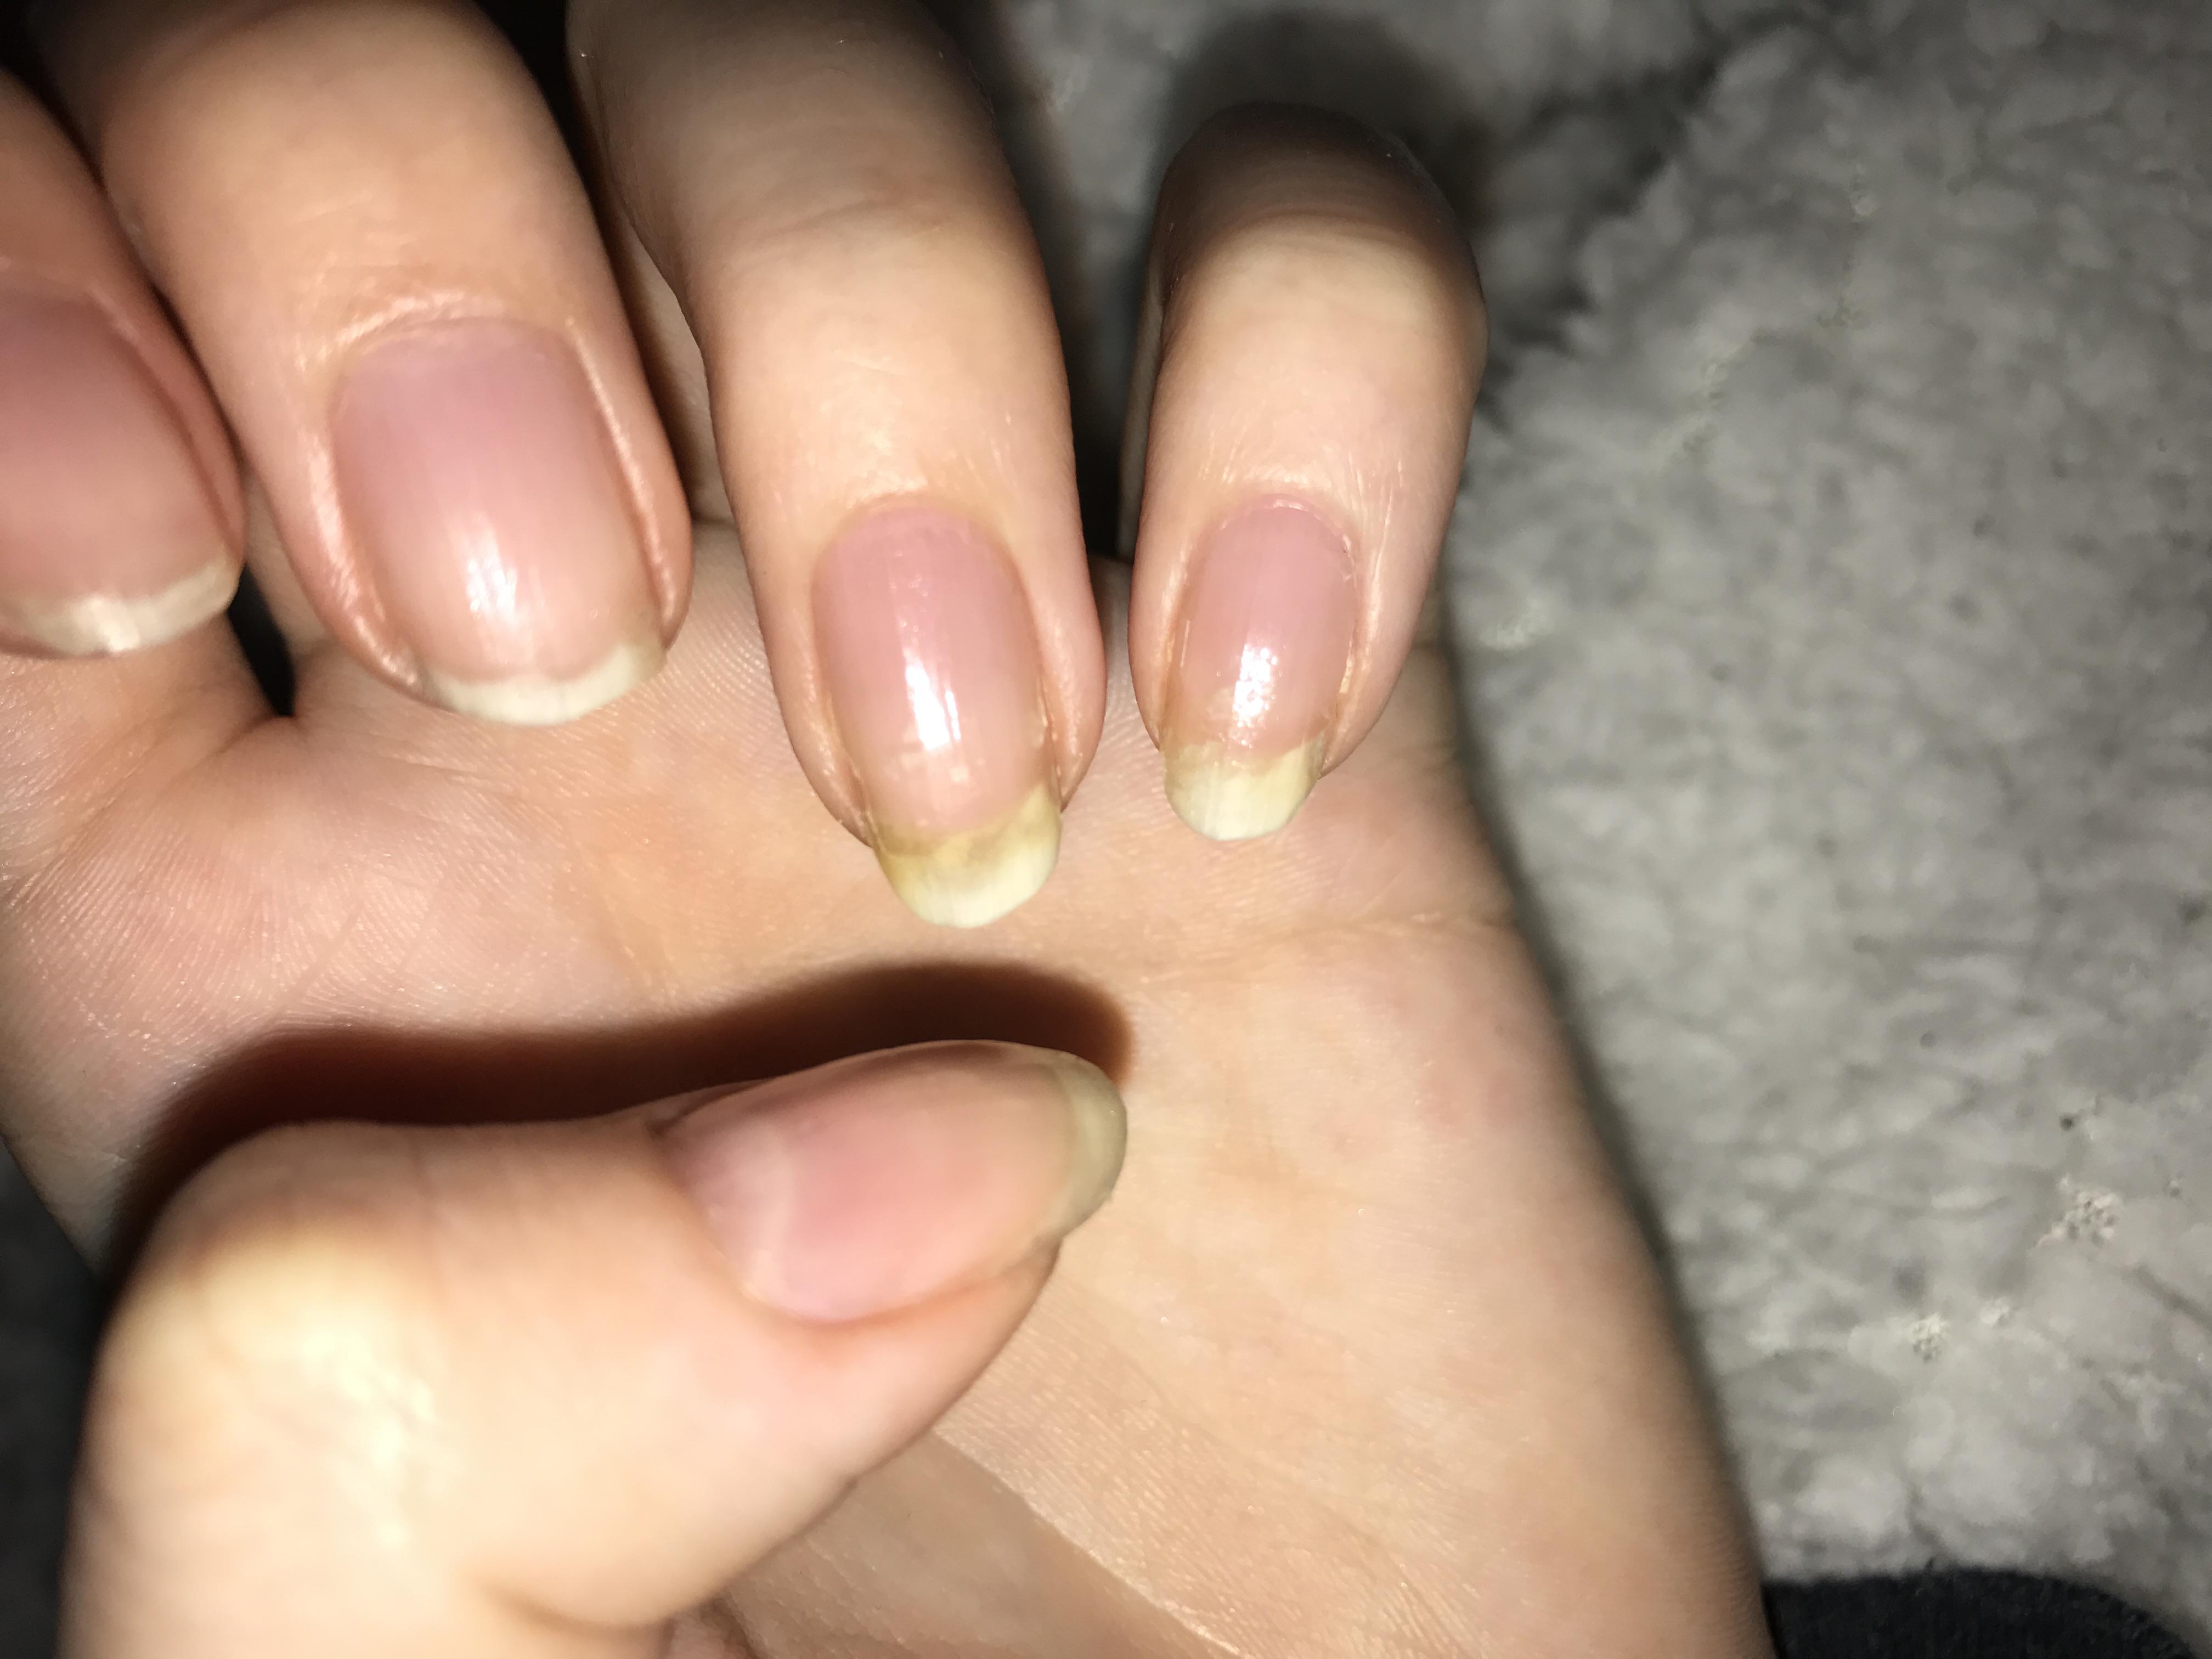 Ist das nagelpilz oder eine Verfärbung ? (Nägel)